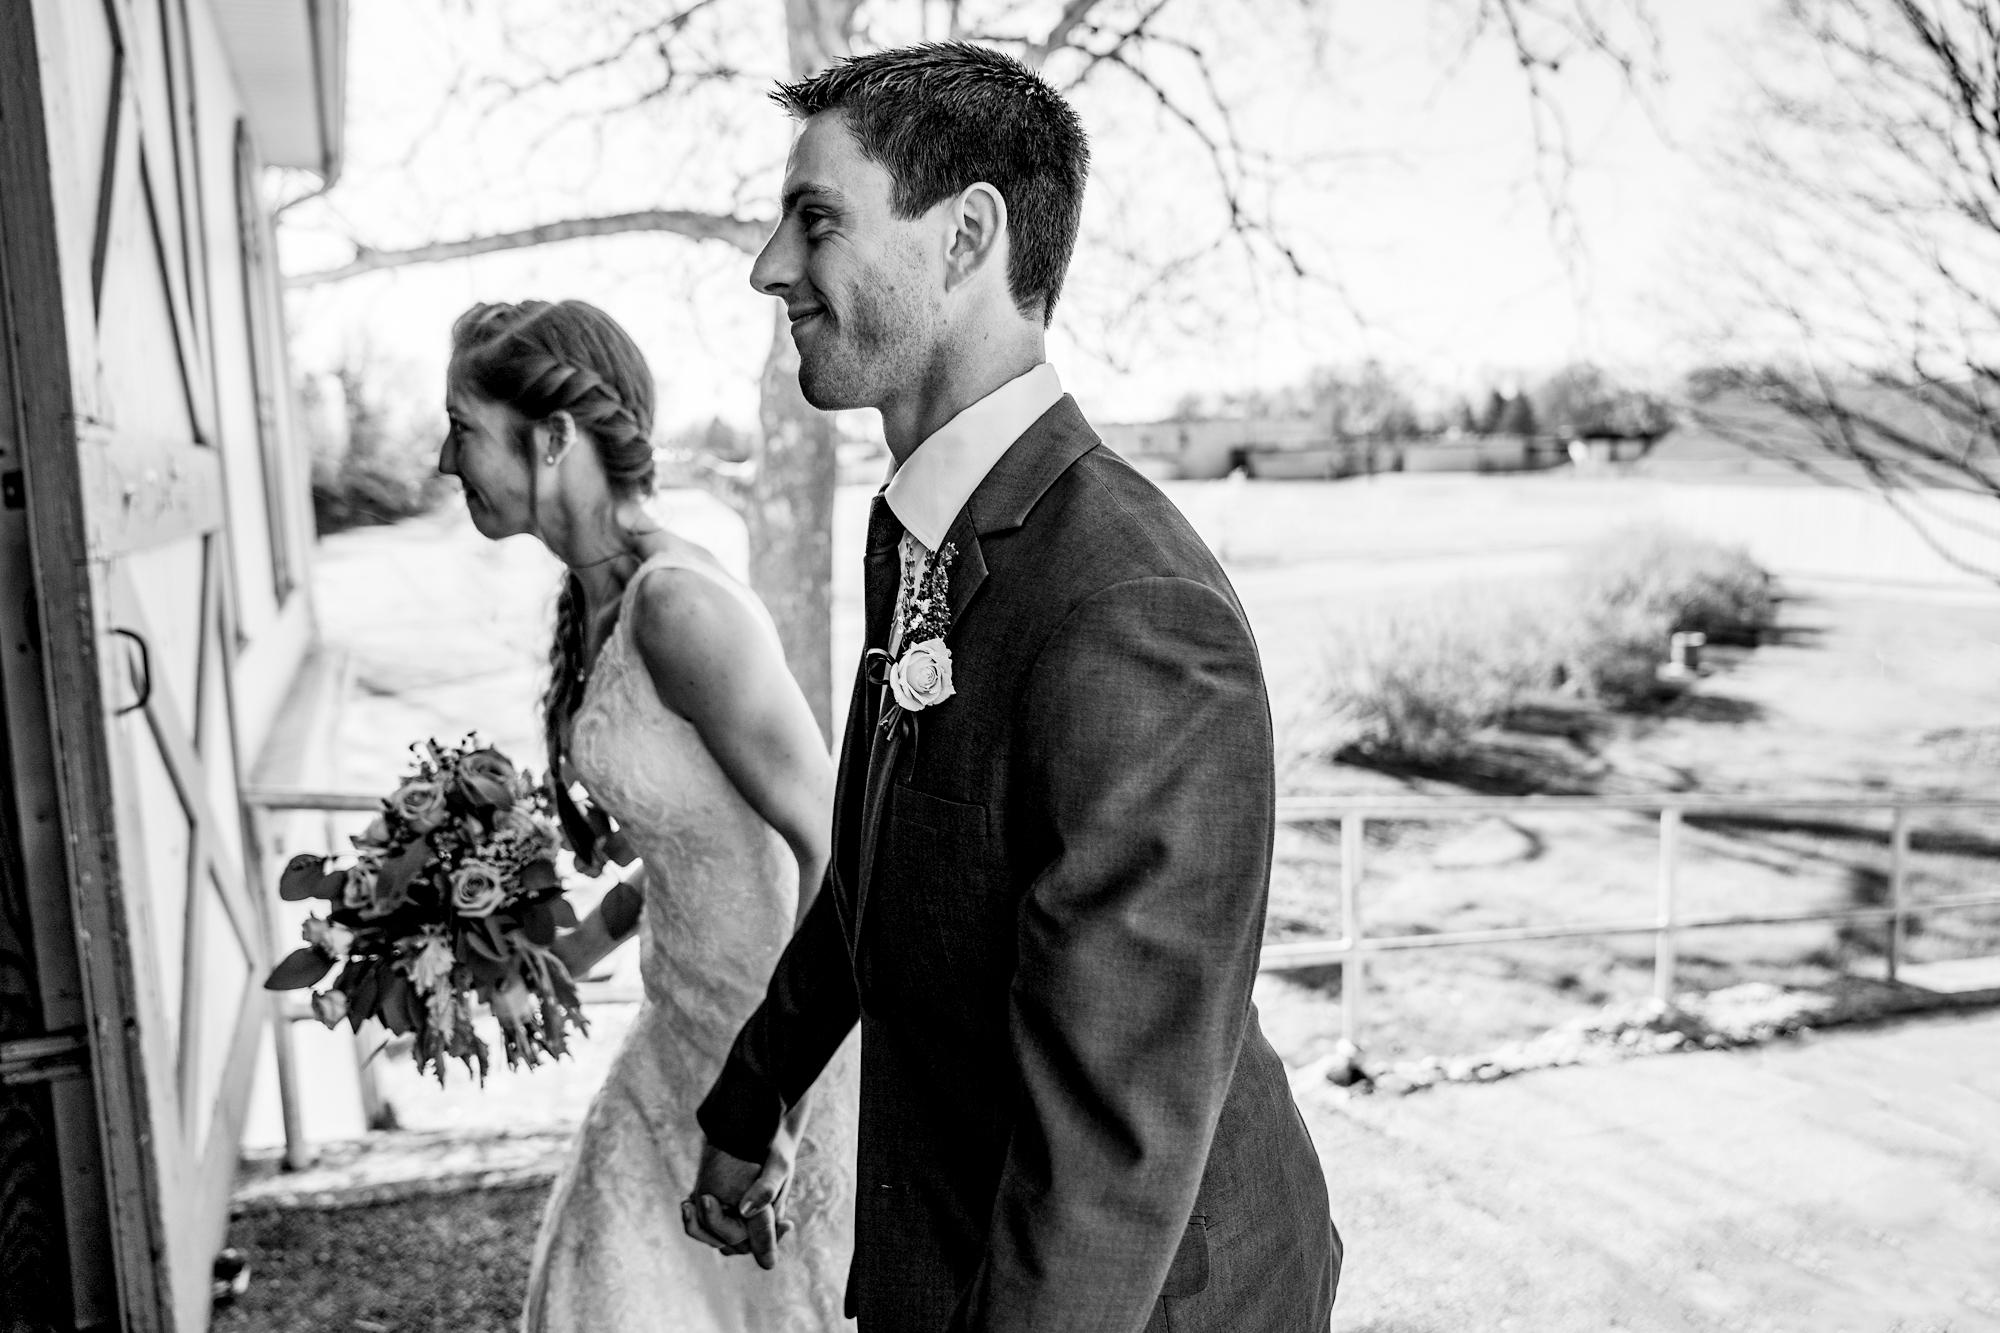 Polen-Farm-Wedding-Photos-57.jpg